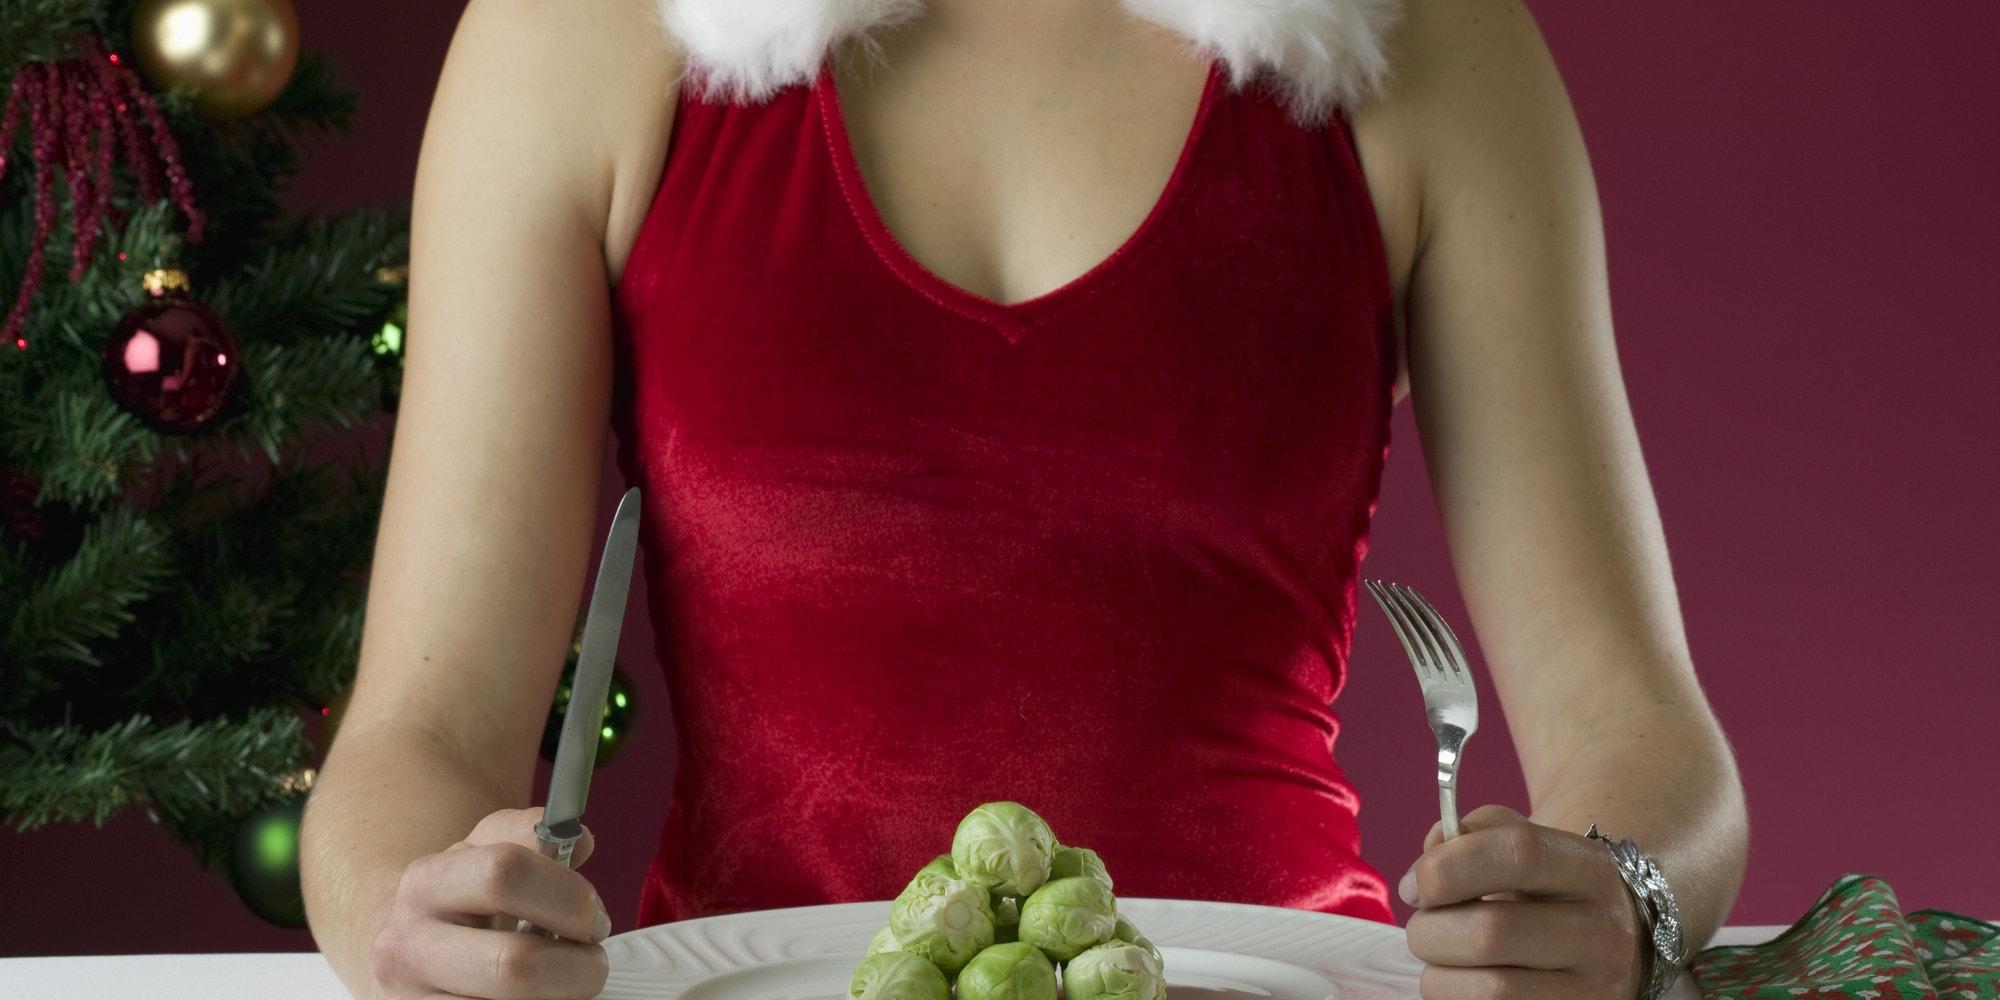 8 διατροφικά tips για την περίοδο των Χριστουγέννων